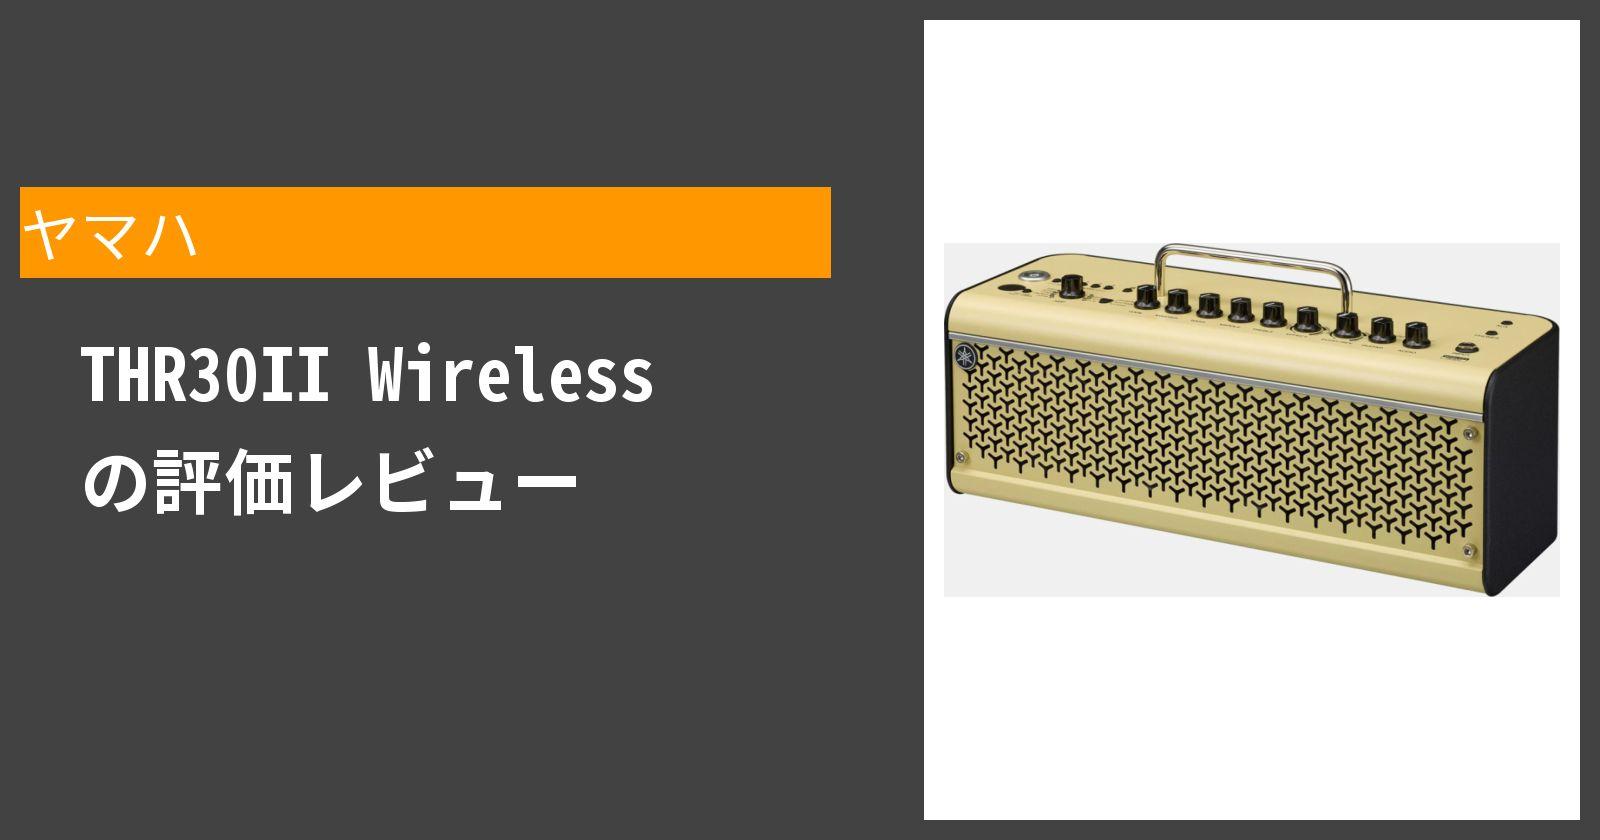 THR30II Wirelessを徹底評価